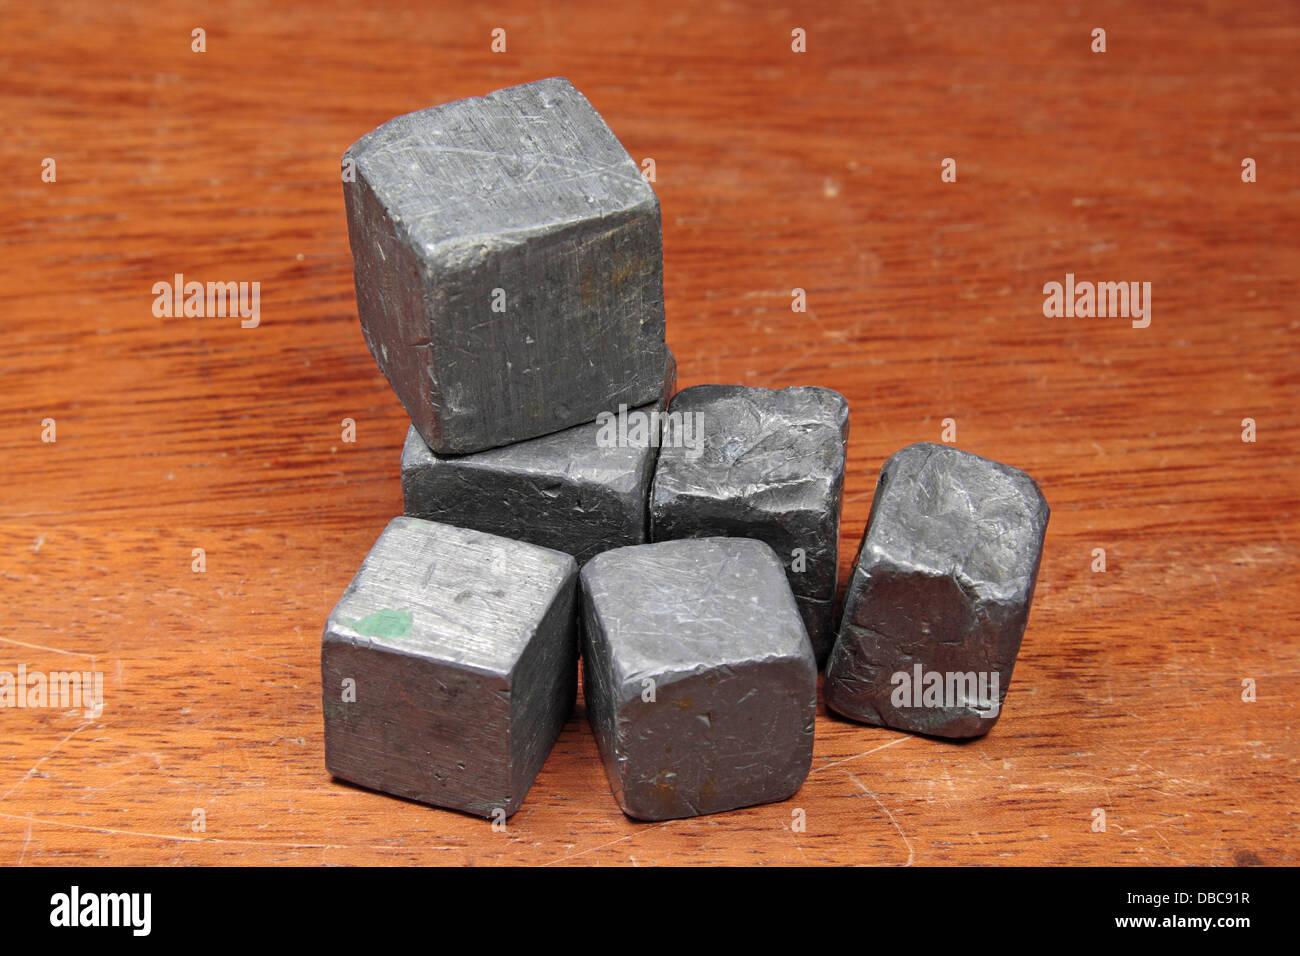 Varios bloques irregulares de los metales de plomo (Pb), como el usado en una escuela secundaria del Reino Unido. Imagen De Stock